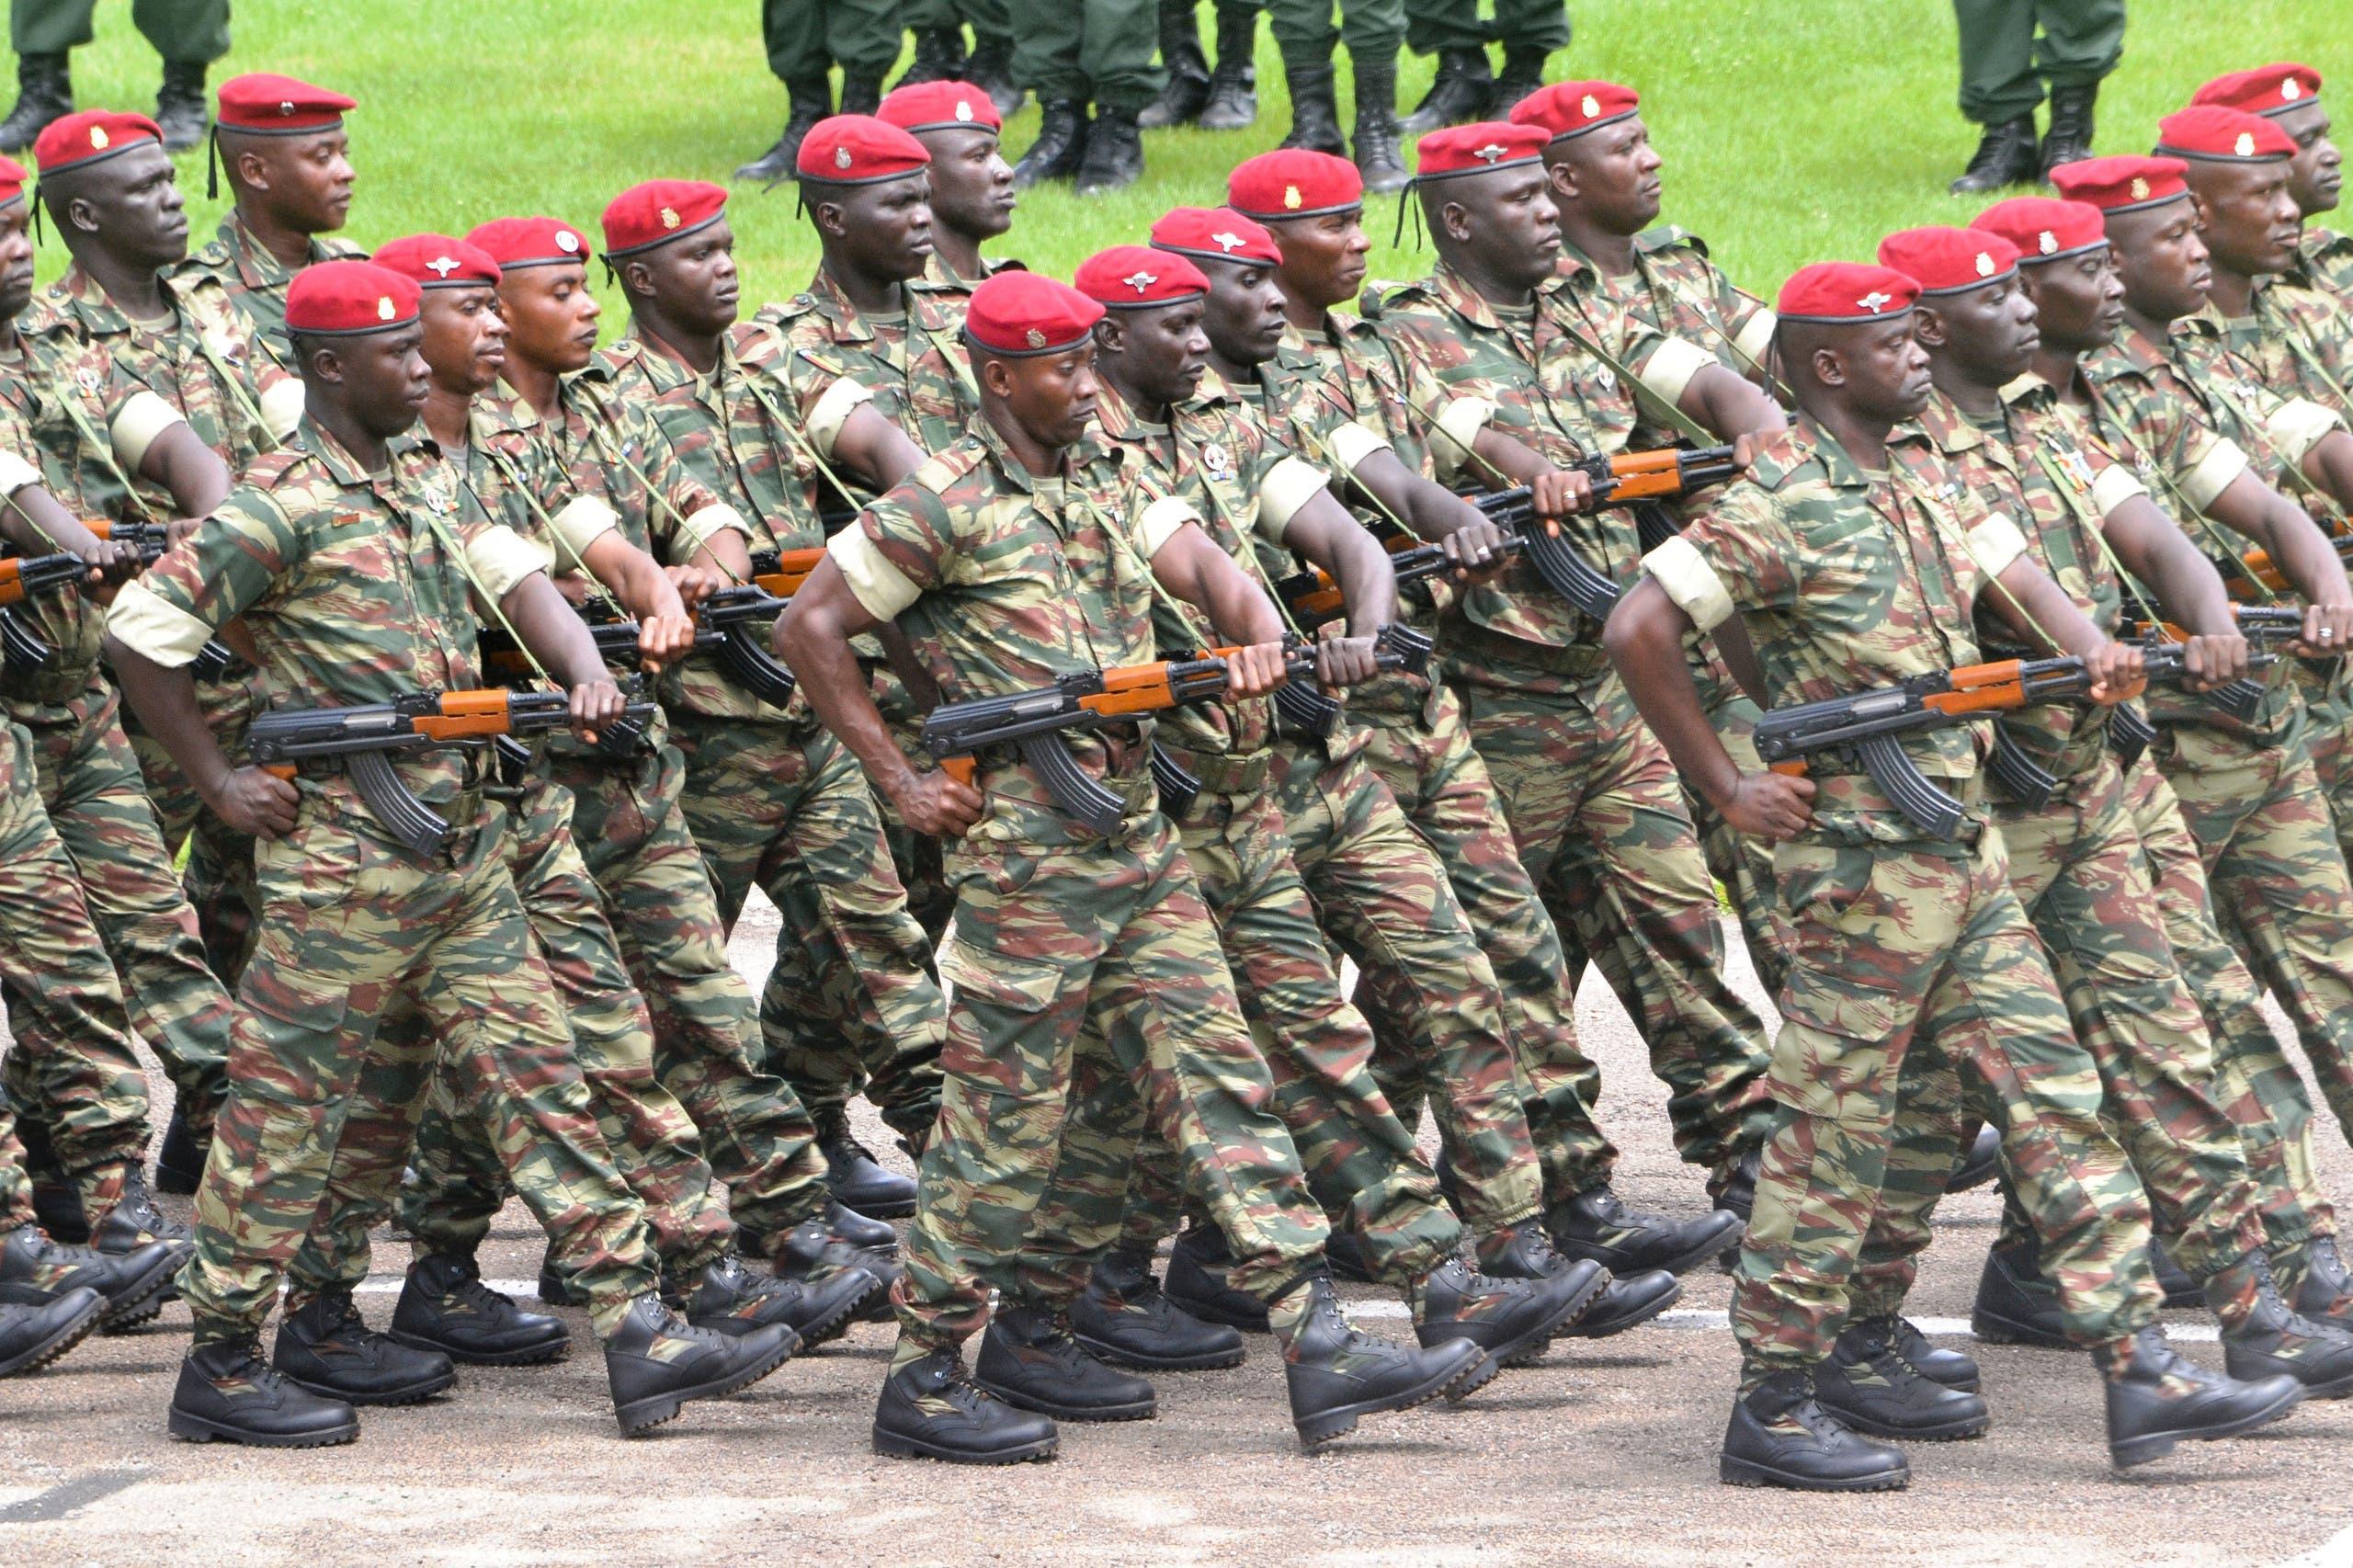 جنود من الجيش الغيني (أرشيفية)